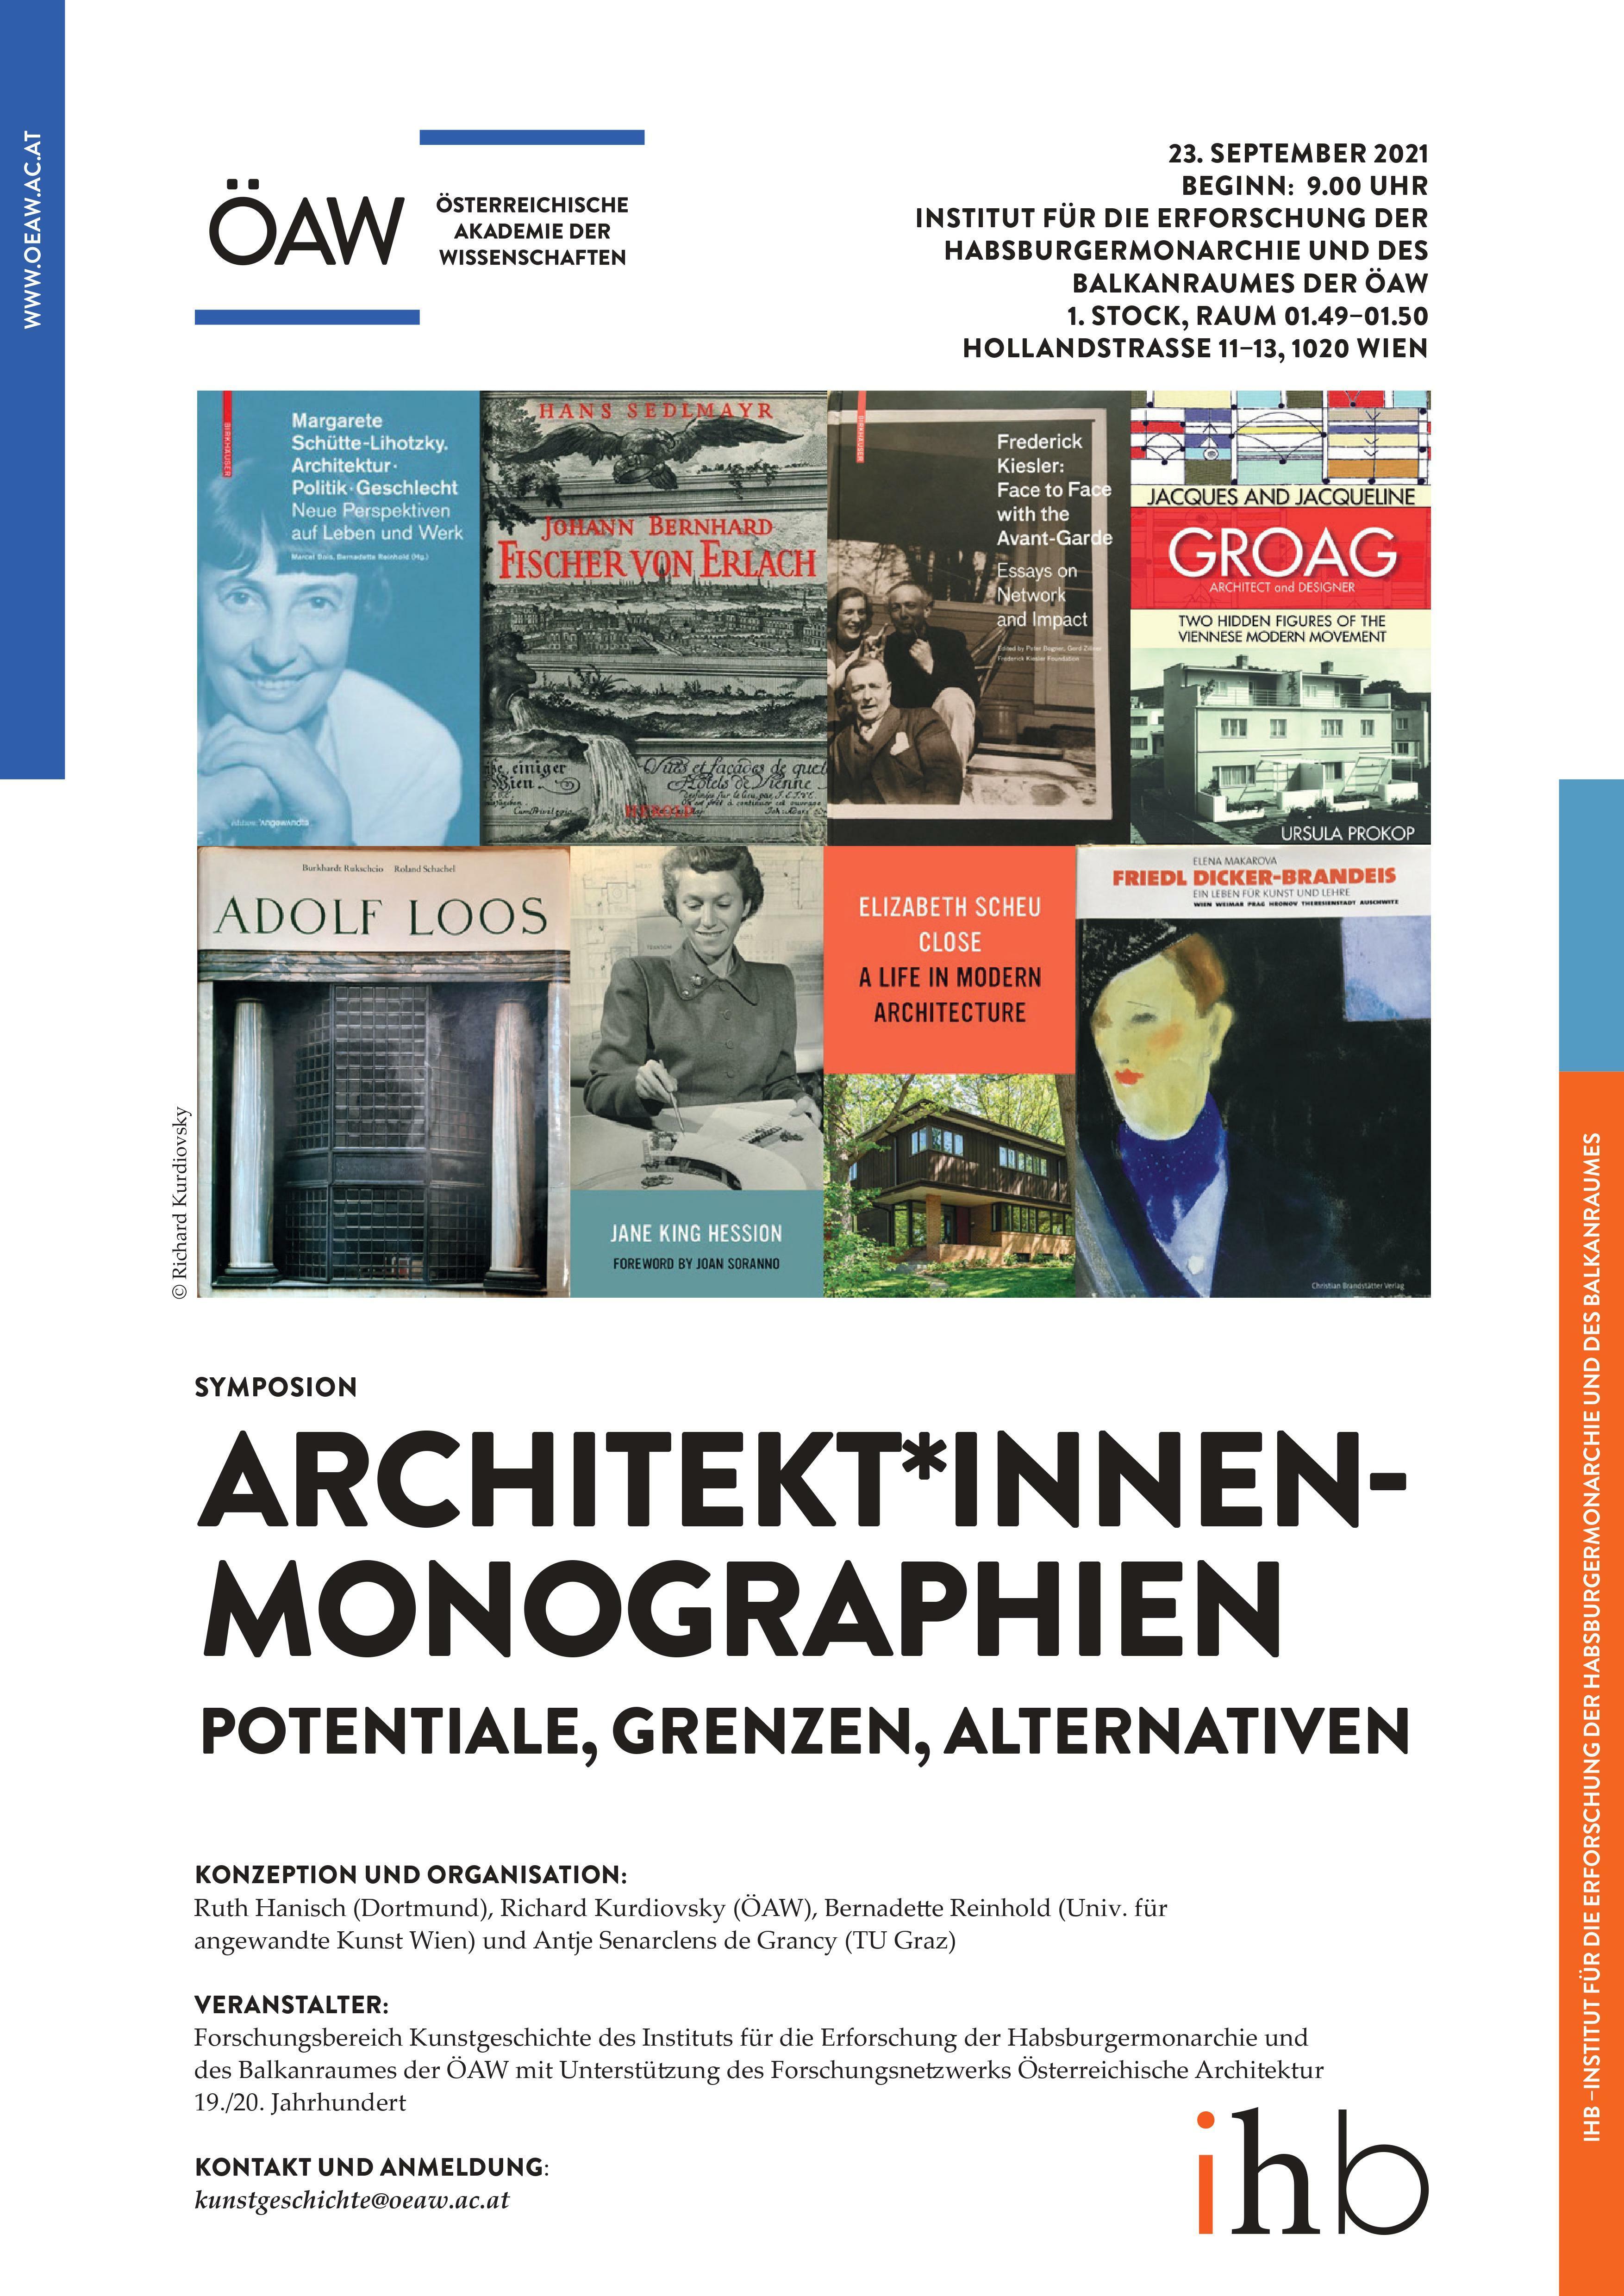 Architekt*innen Monographien